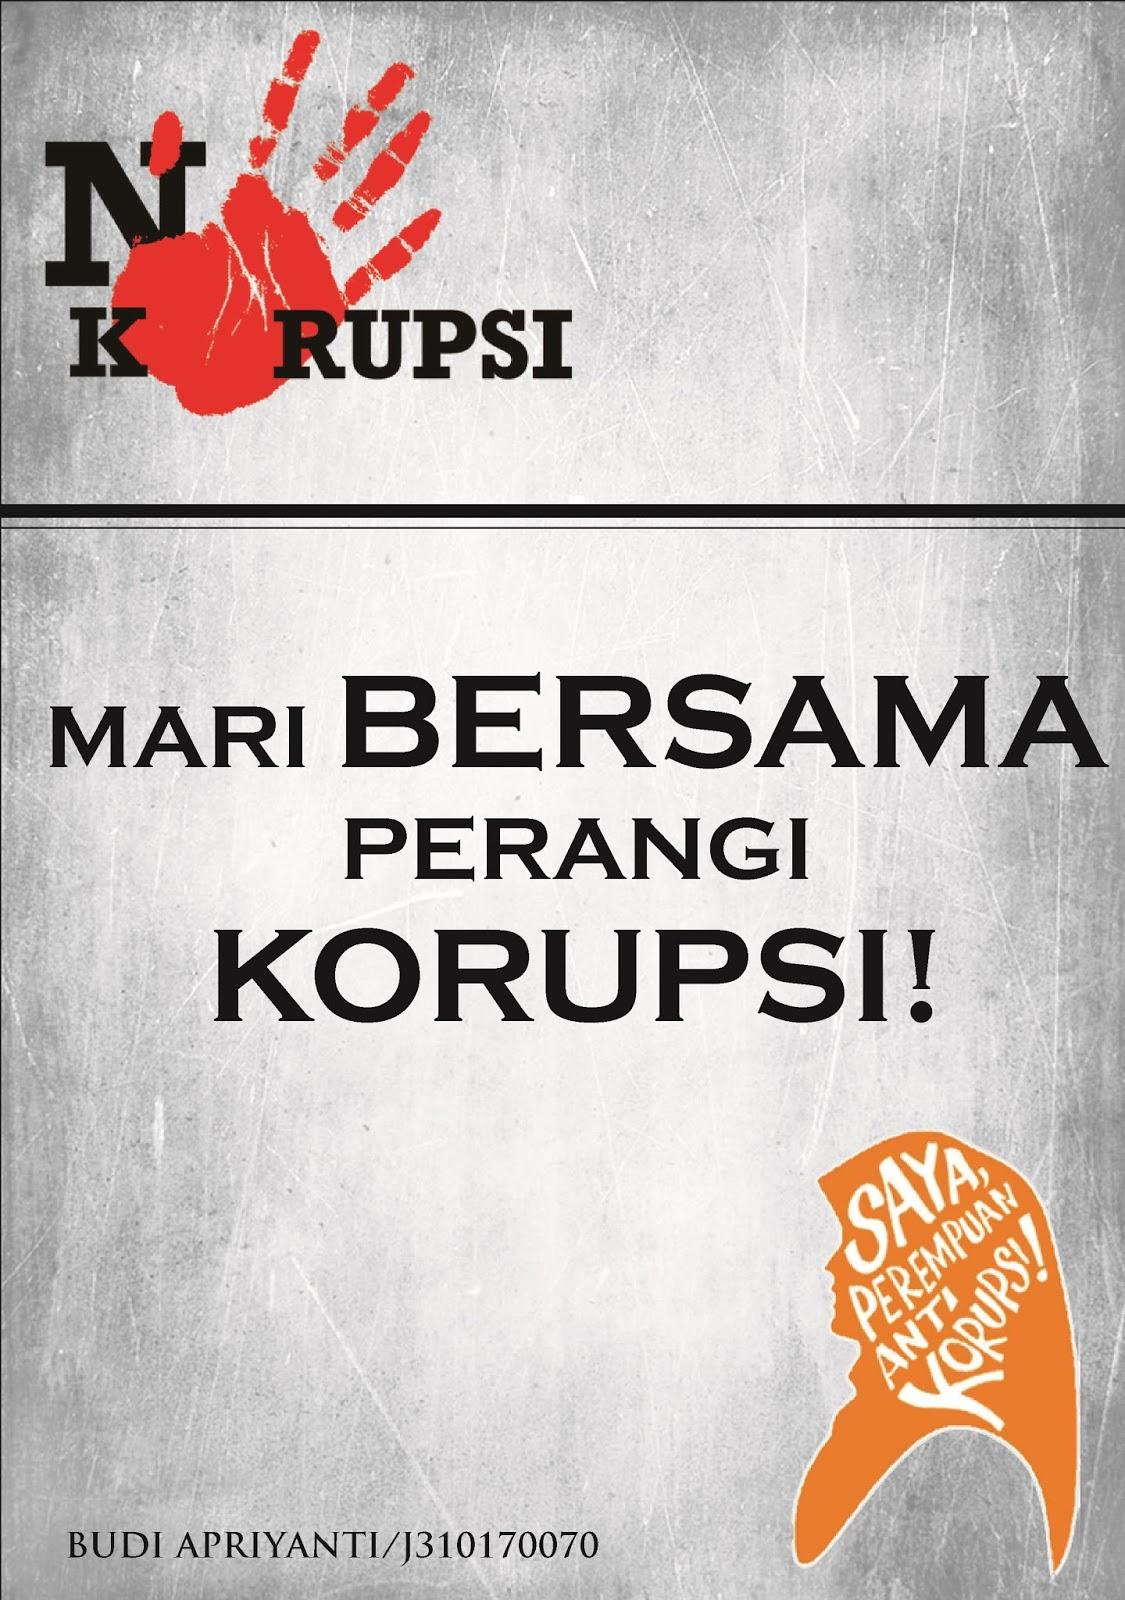 Wonderfulmom Poster Kampanye Anti Korupsi